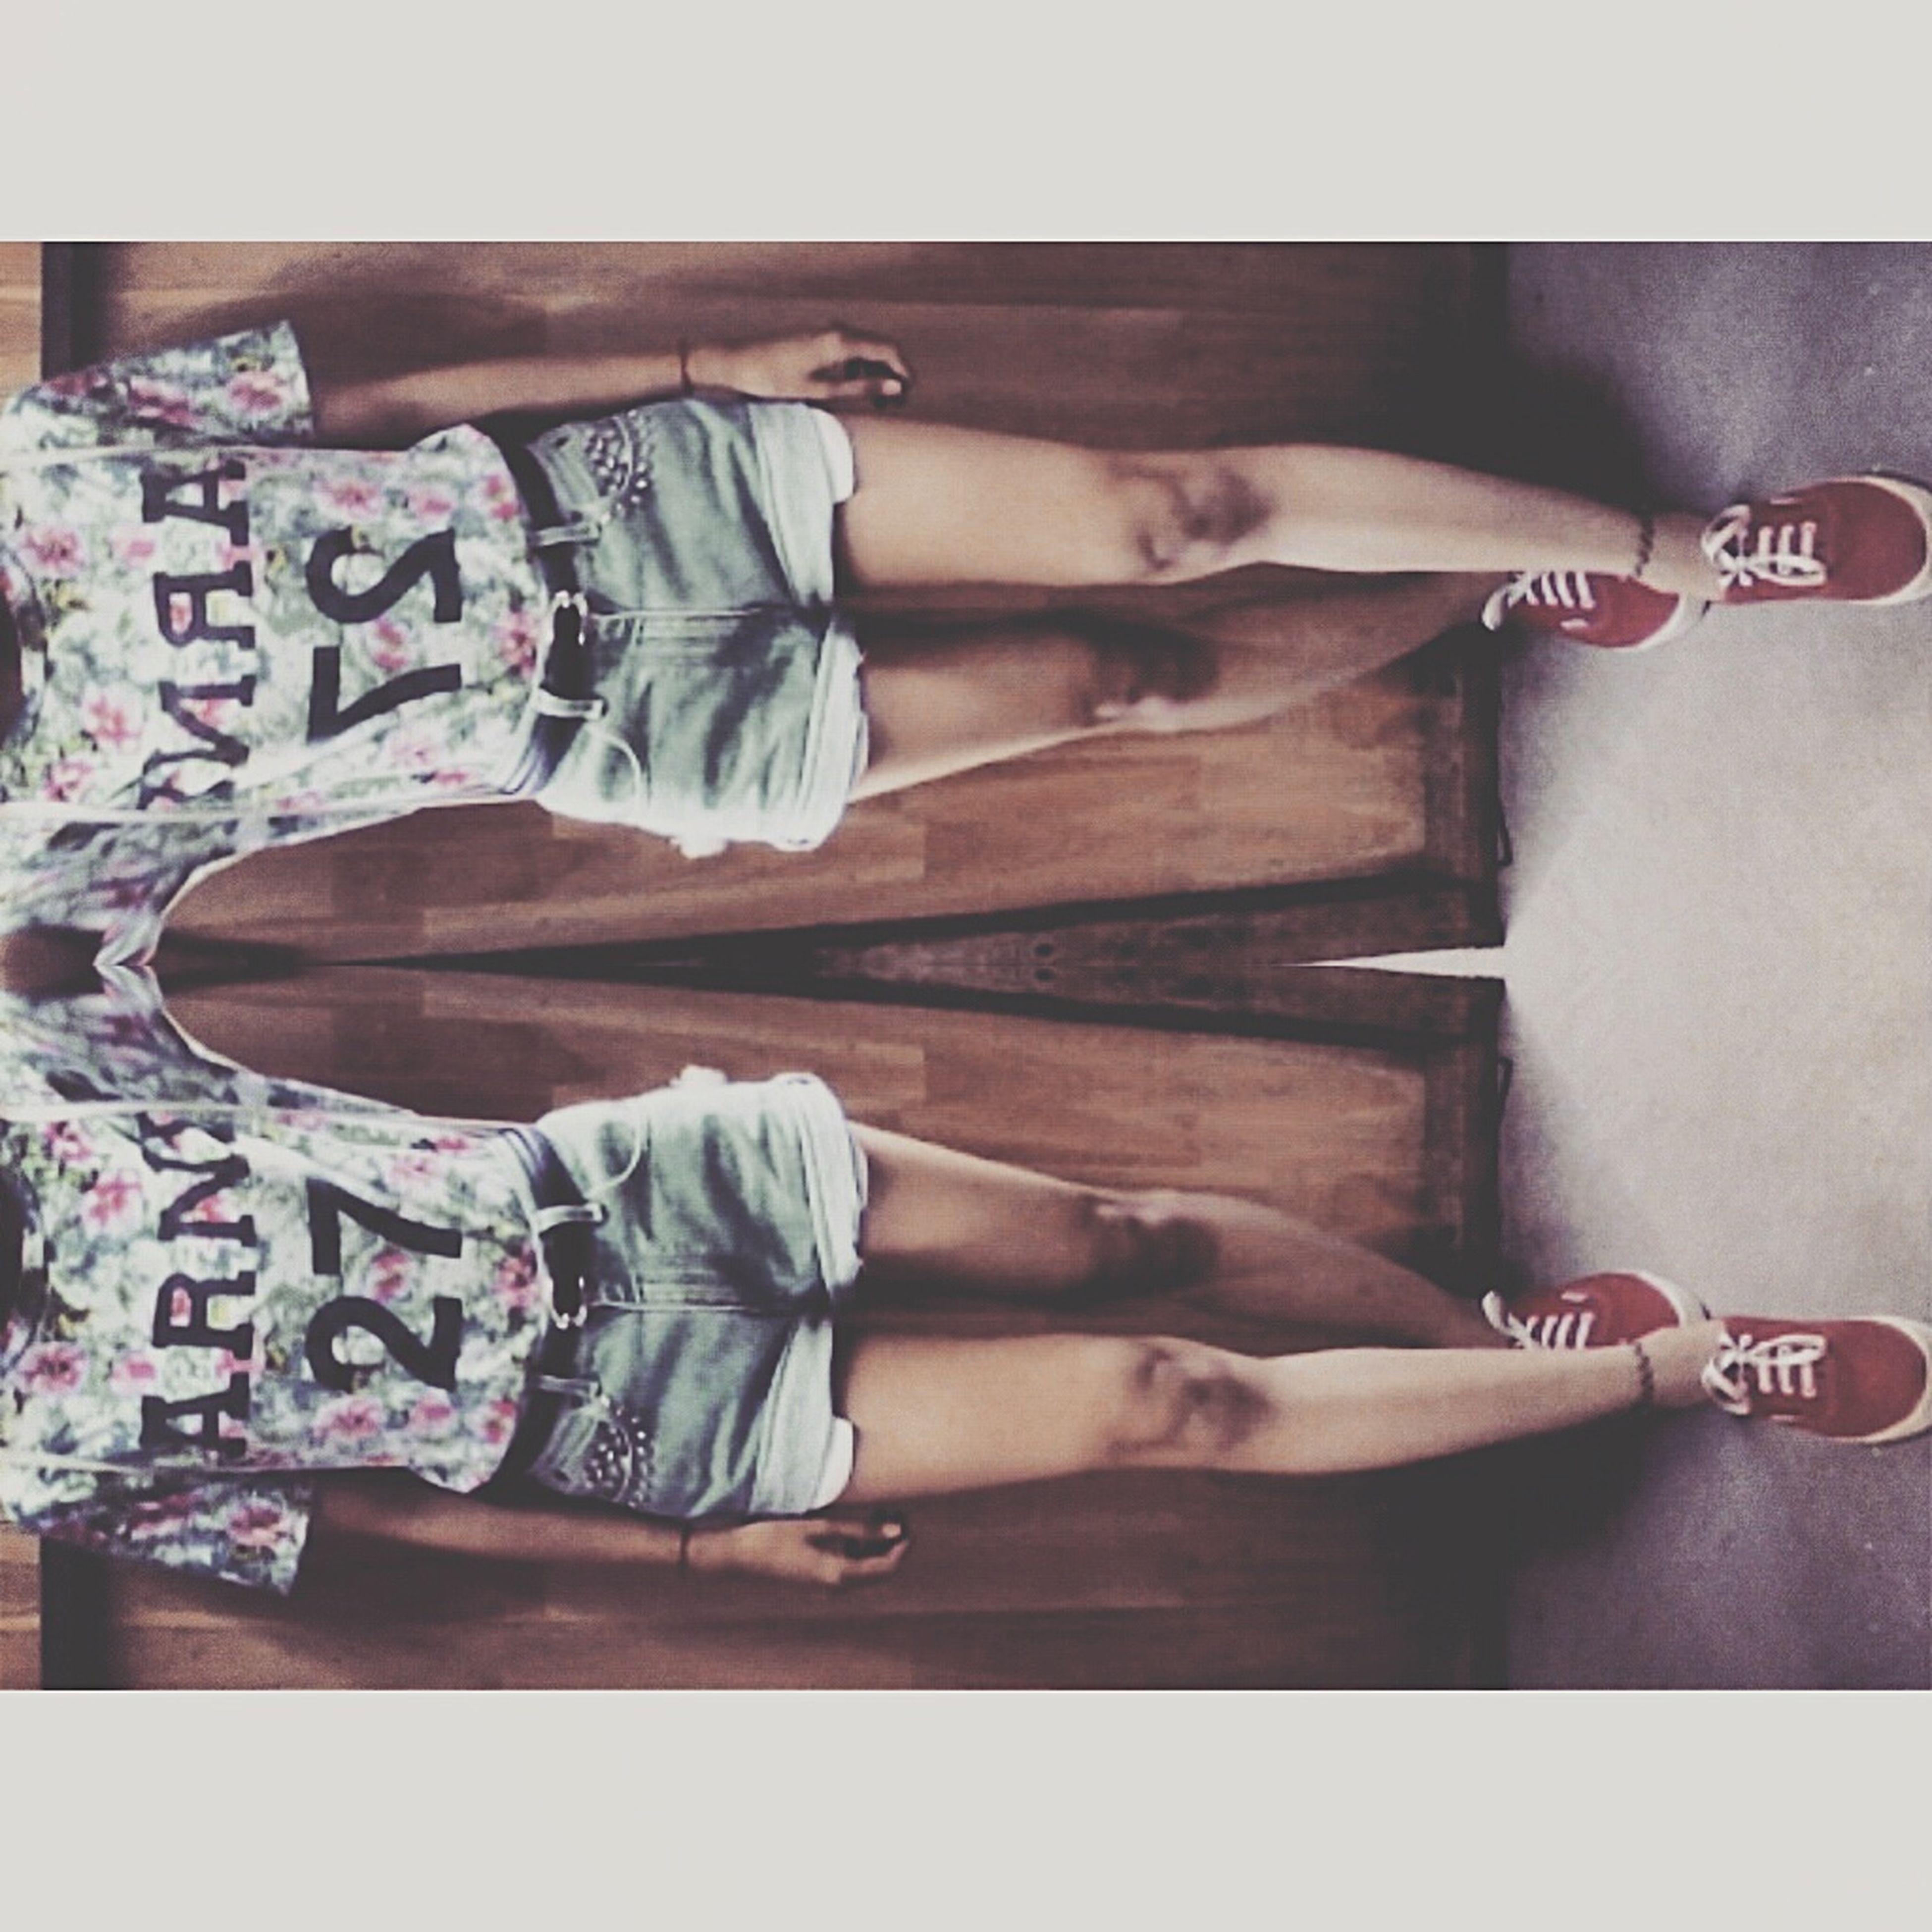 Todayhaawear ^_^